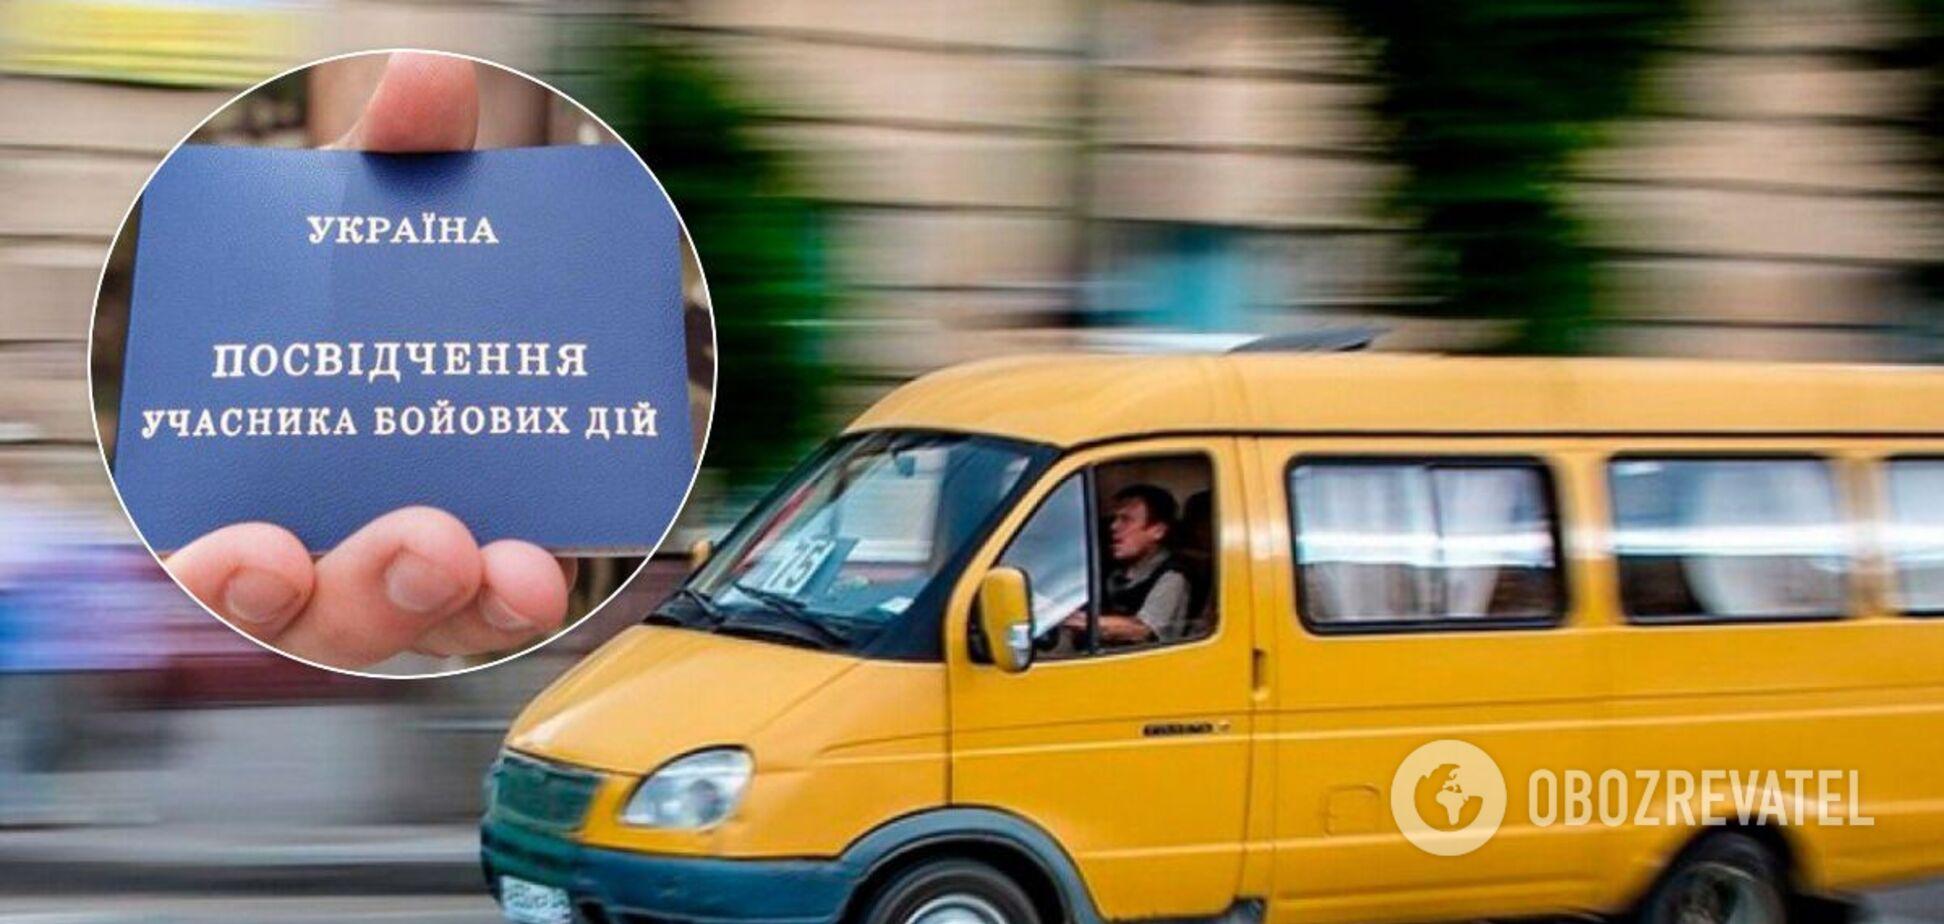 В Днепре маршрутчик отказал ветерану АТО в бесплатном проезде. Фото и видео